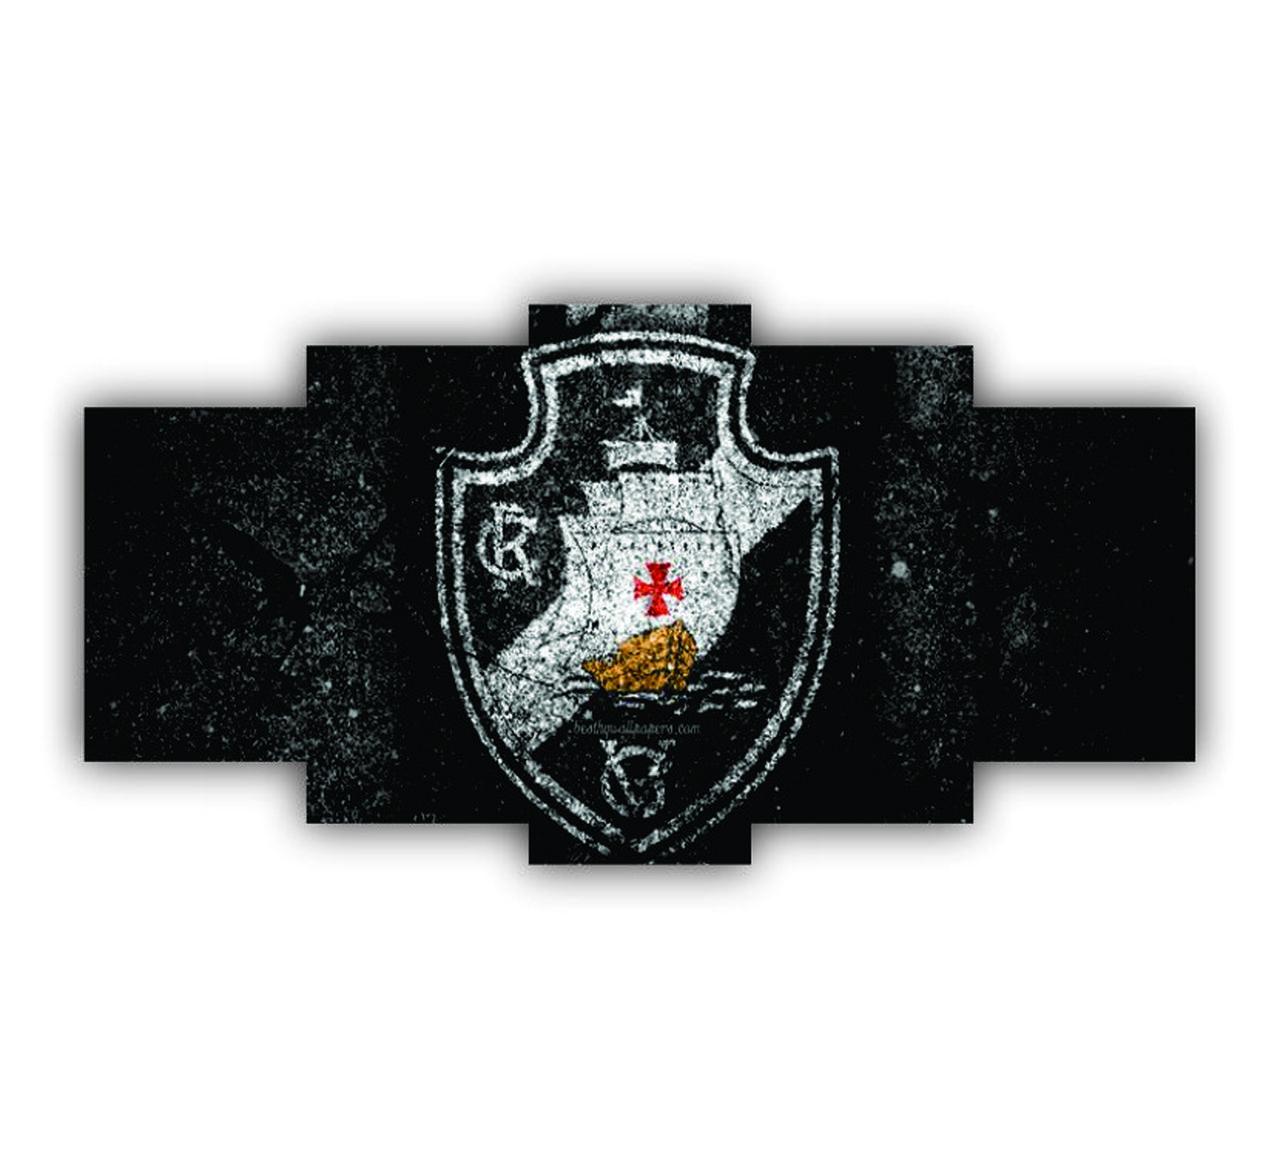 Mosaico Decorativo Vasco o Gigante da Colina - 5 Telas